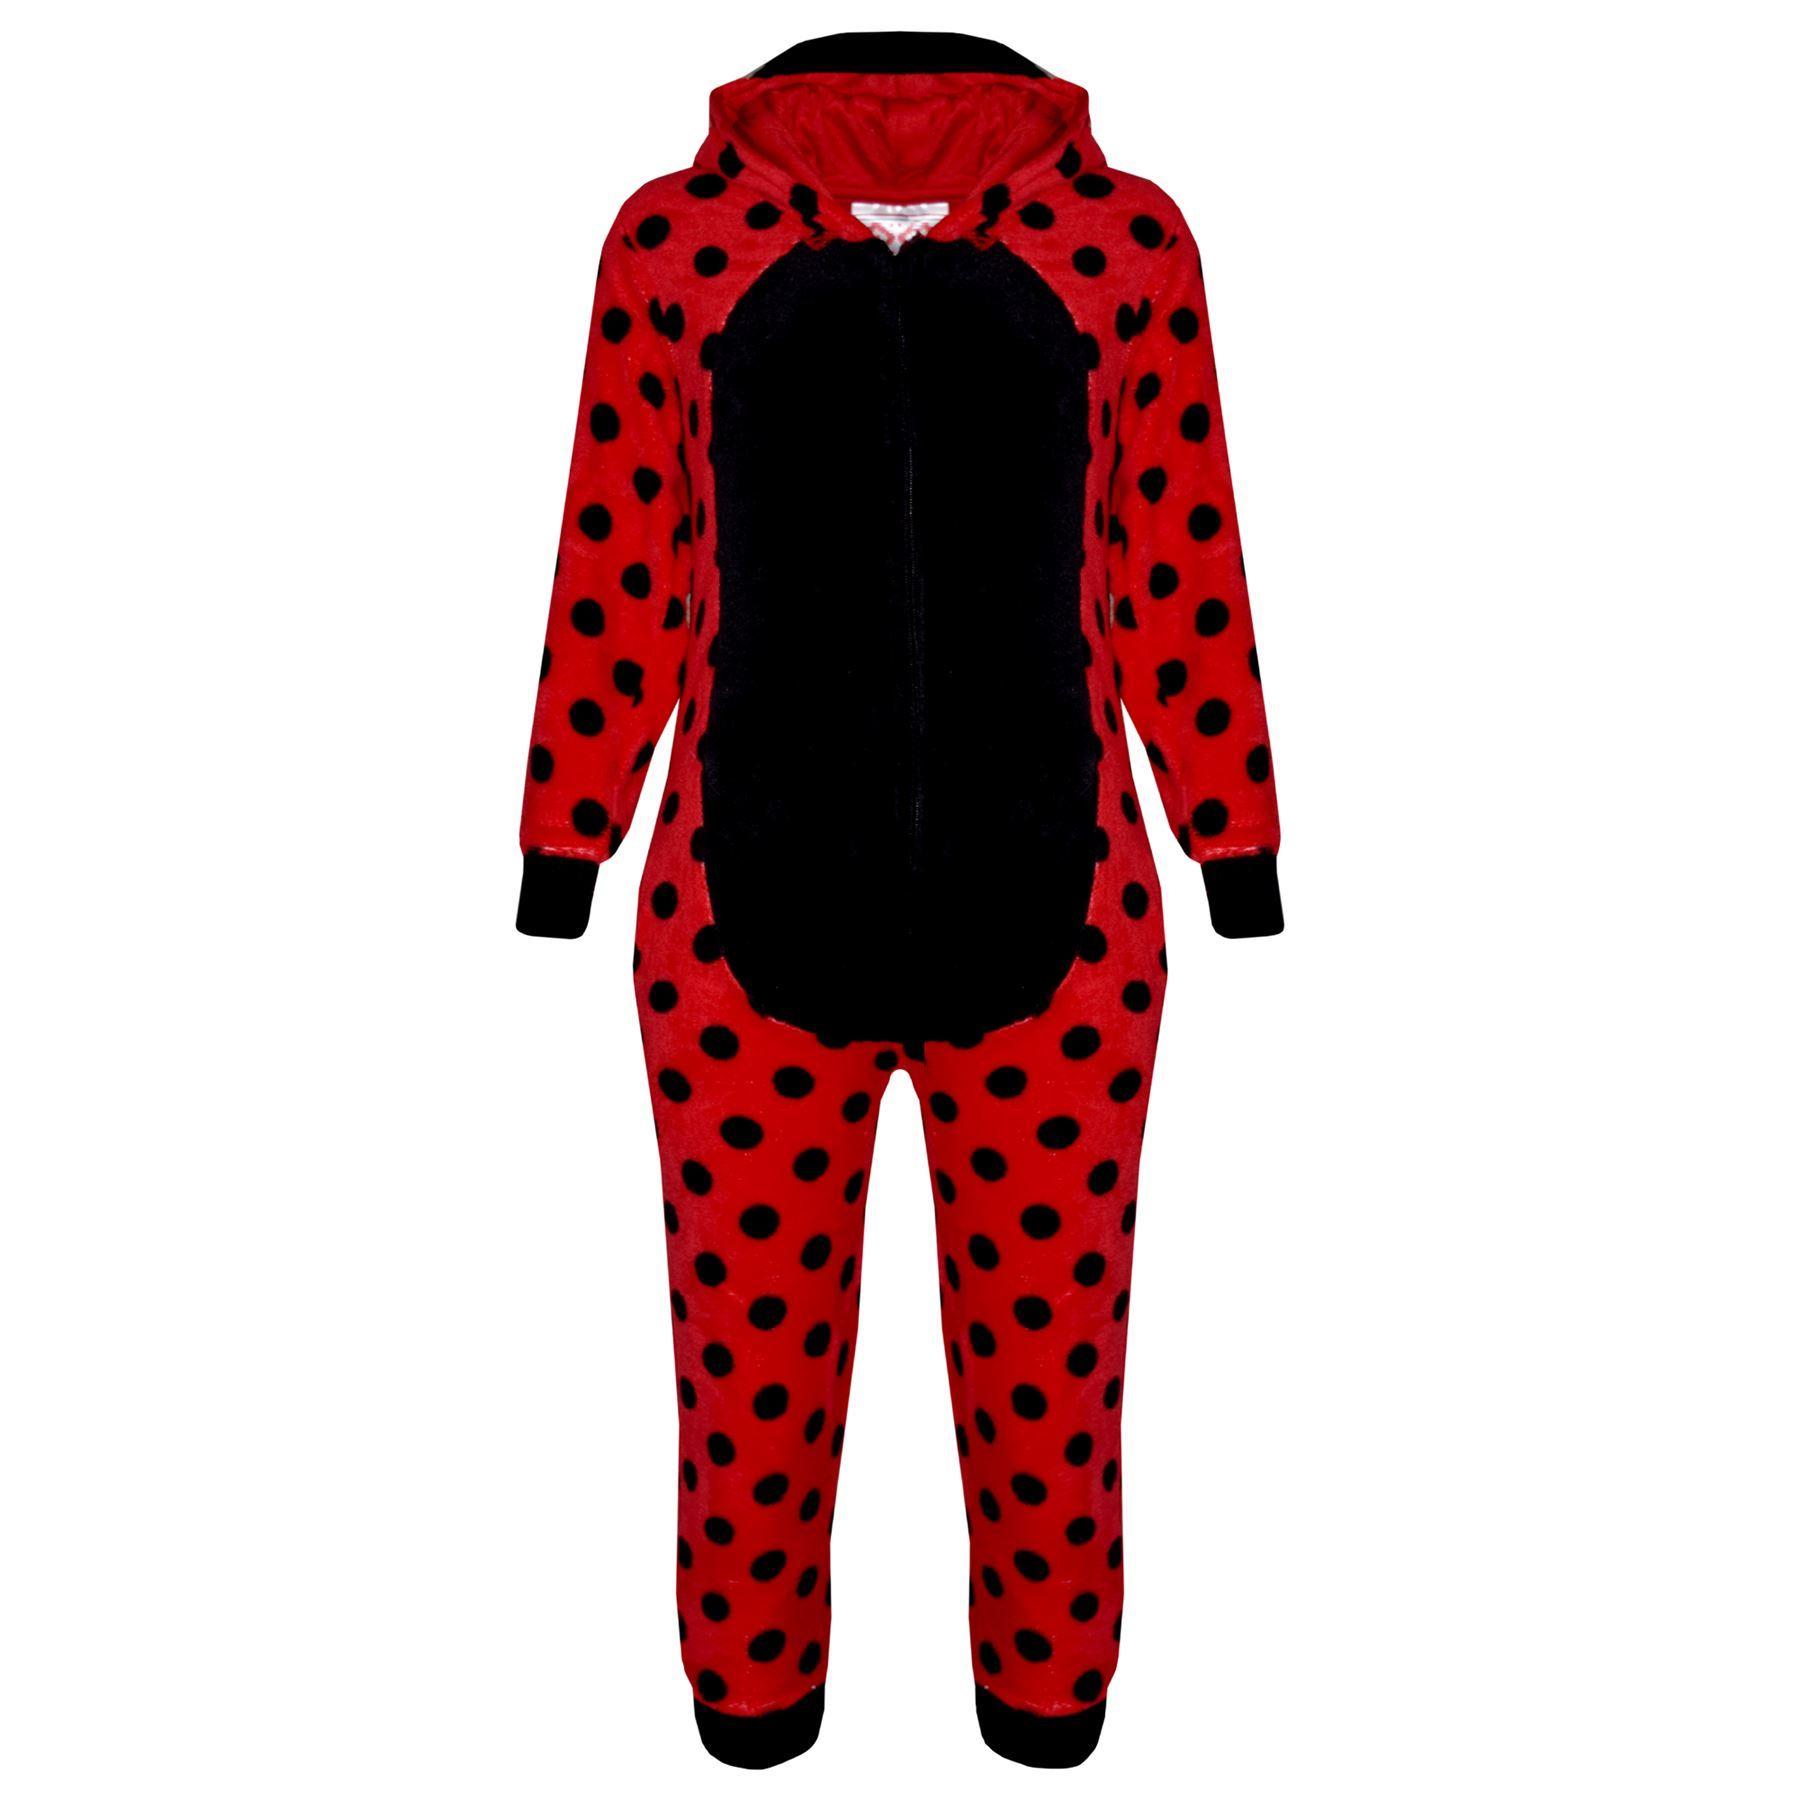 Kids-Girls-Boys-Soft-Fluffy-Animal-Monkey-A2Z-Onesie-One-Piece-Halloween-Costume miniatuur 27